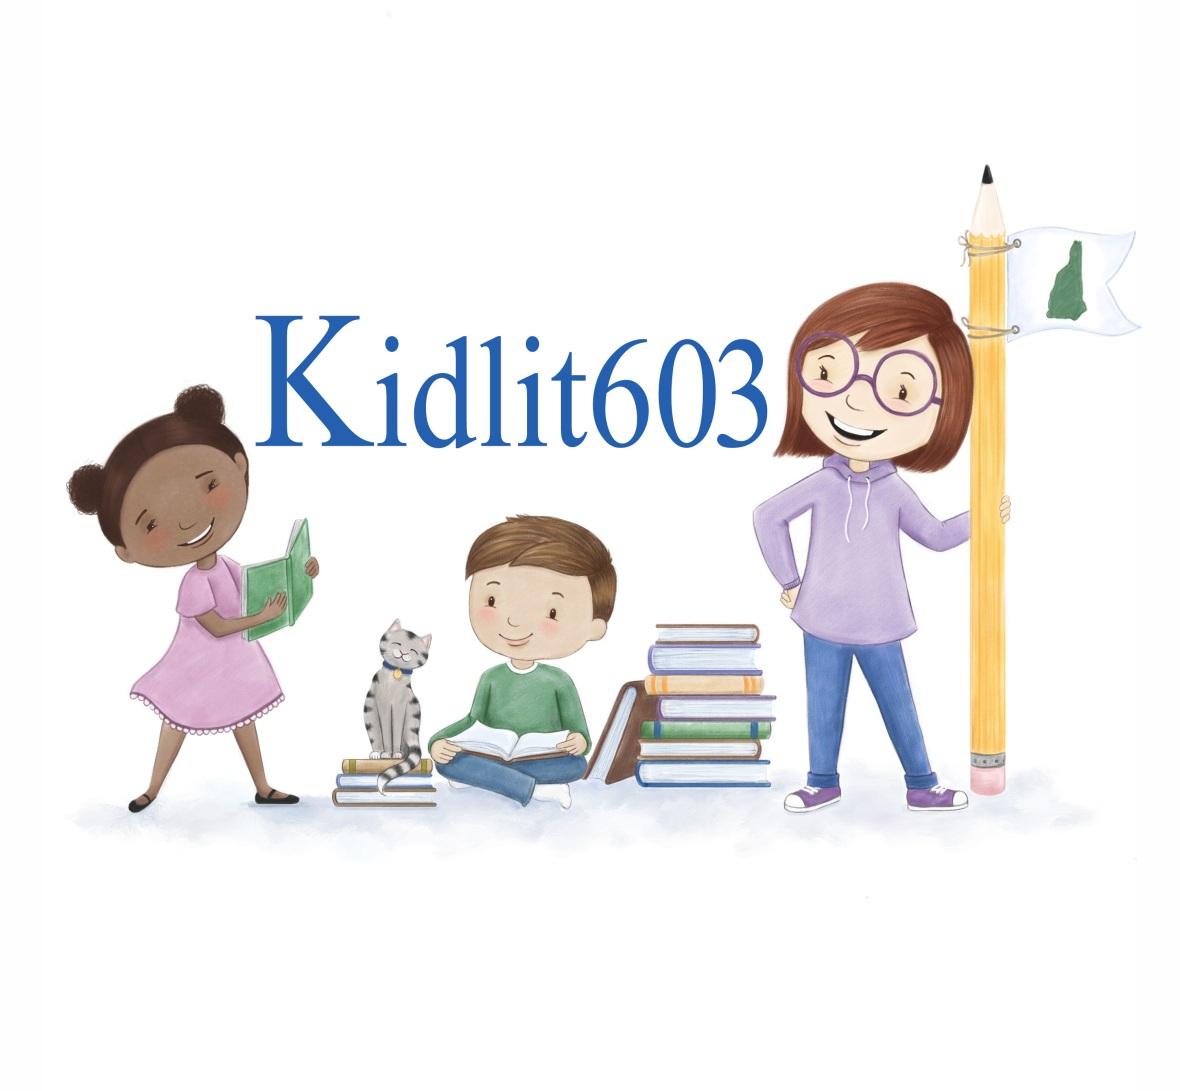 KidLit603-type